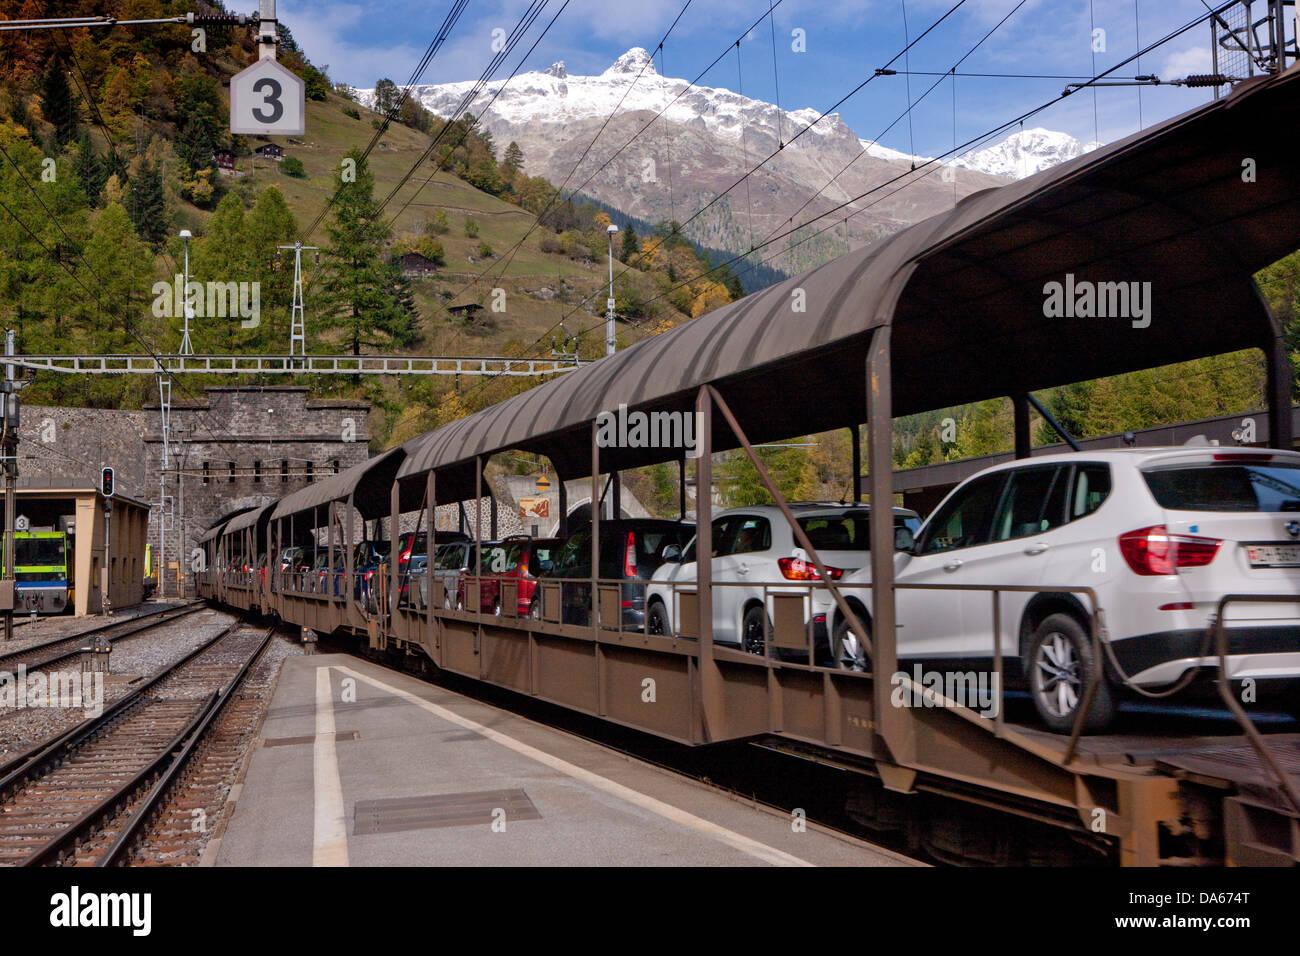 Tunnel, entrée privée, Goppenstein, VERSUS, route, chemin de fer, train, chemin de fer, l'automne, Photo Stock